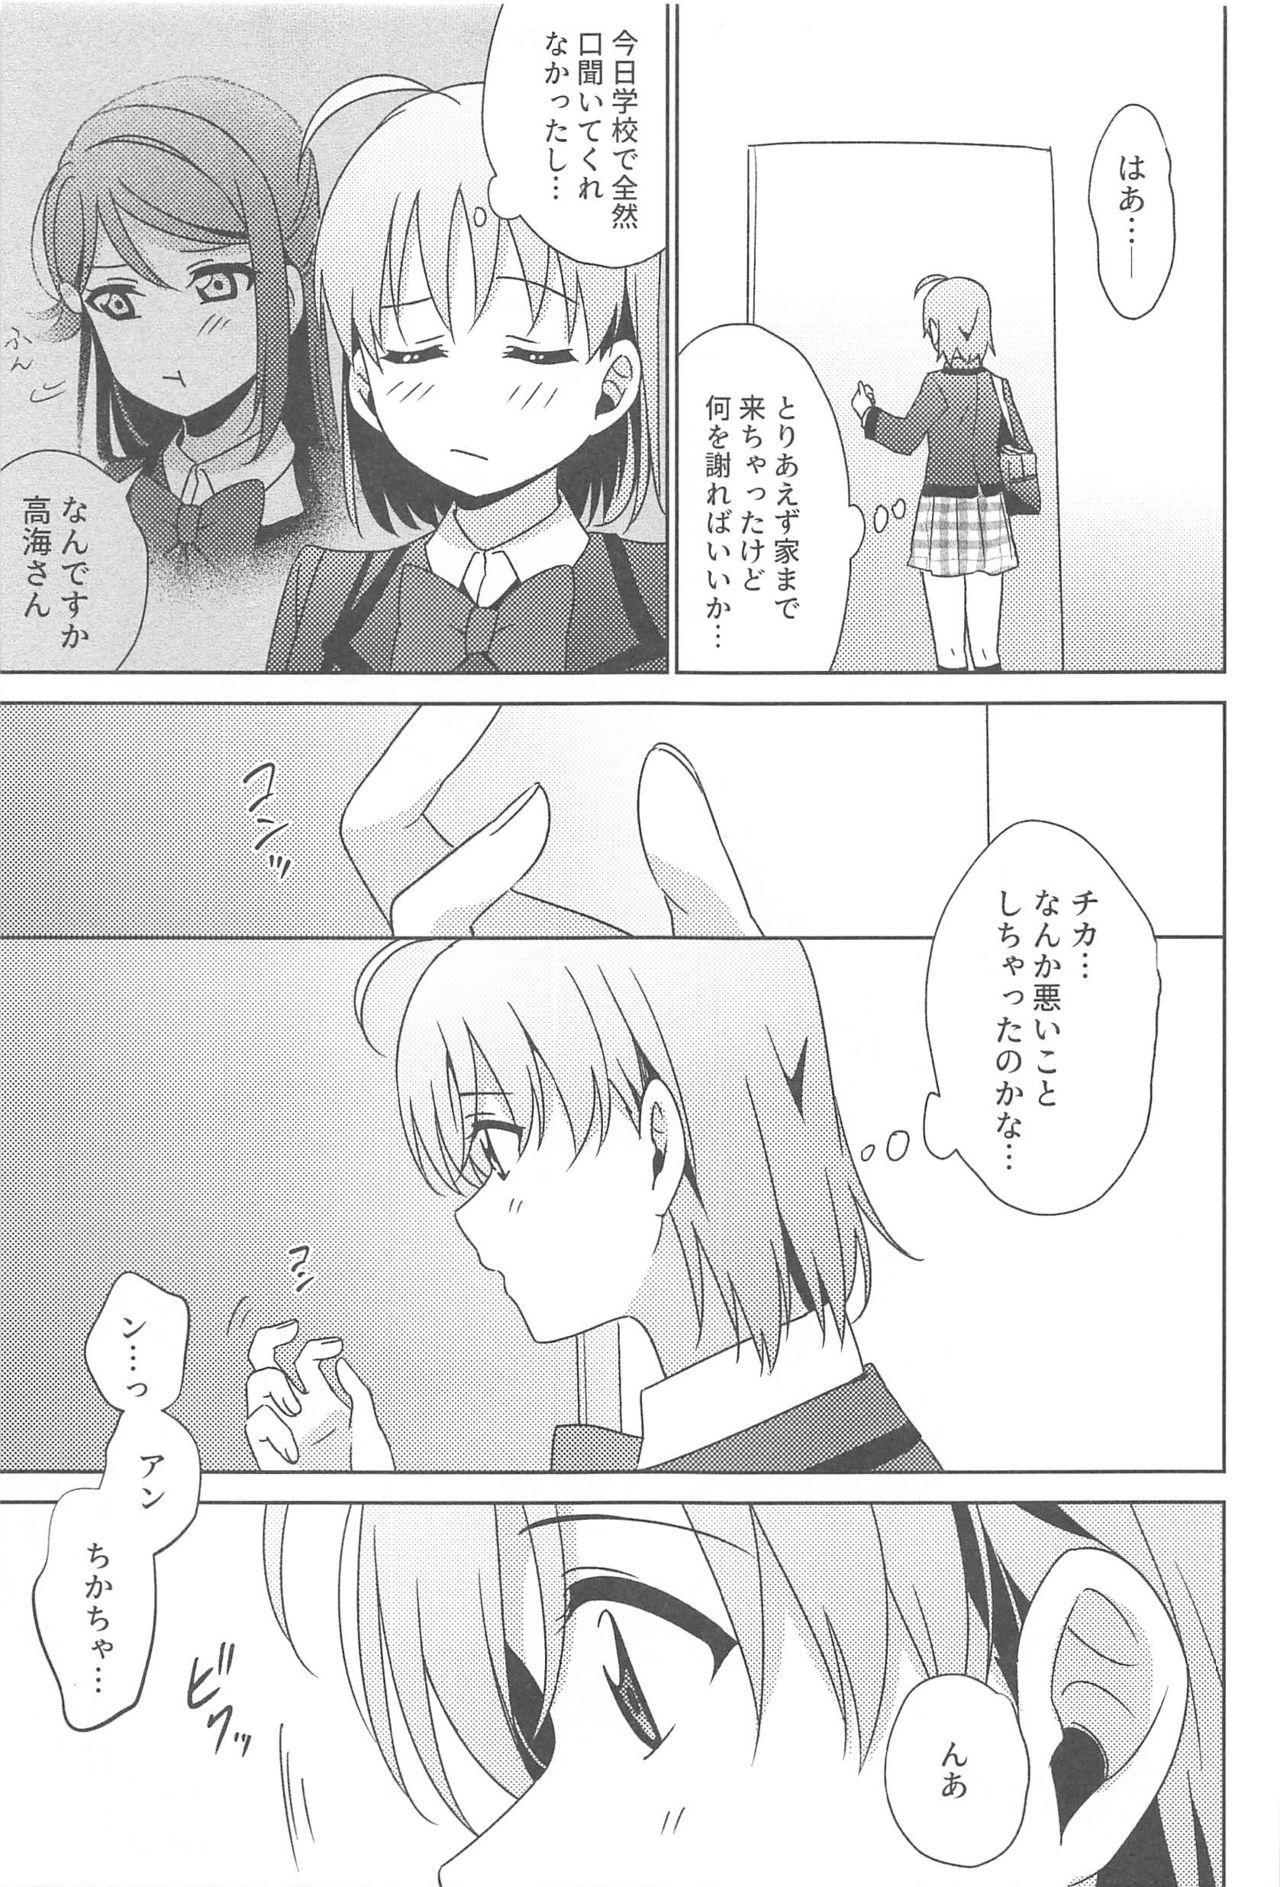 Chika-chan no ○○ ga Hairanai 15